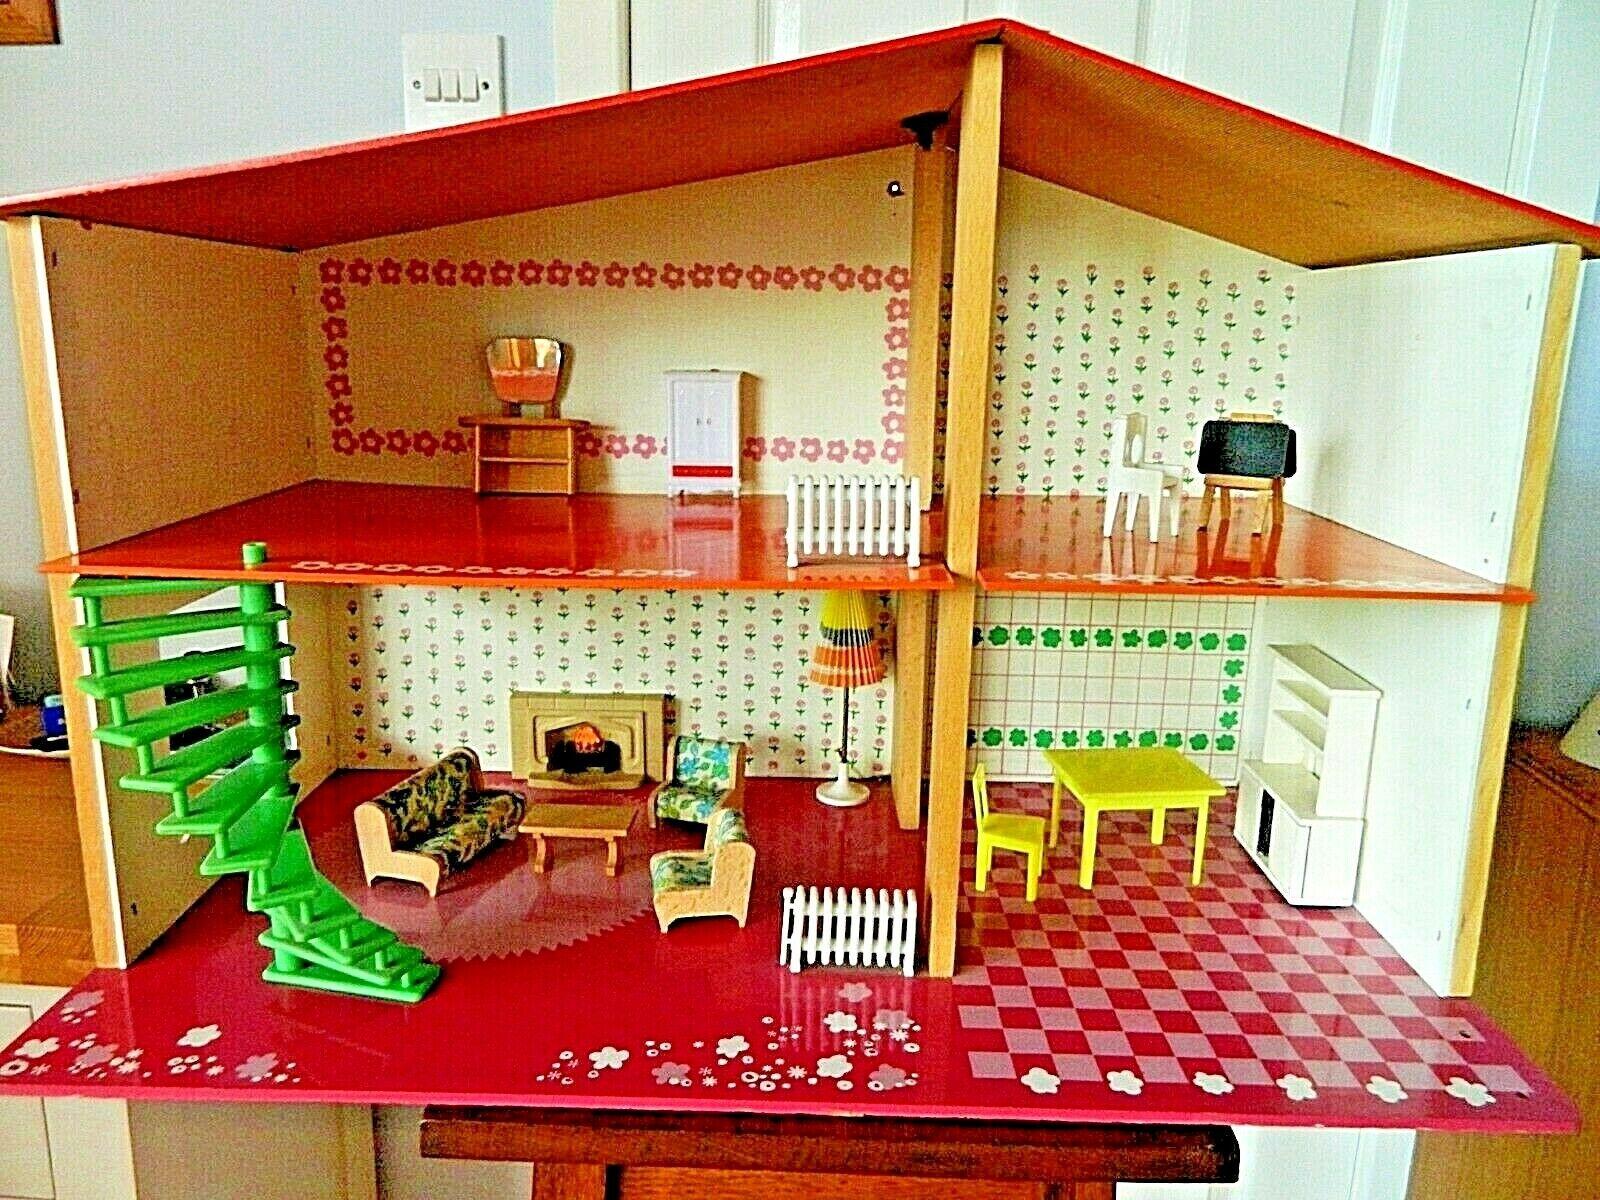 Raro Sio Retro Casa De Muñecas Muebles Originales mediados años 70, iluminación, Hecho En Holanda